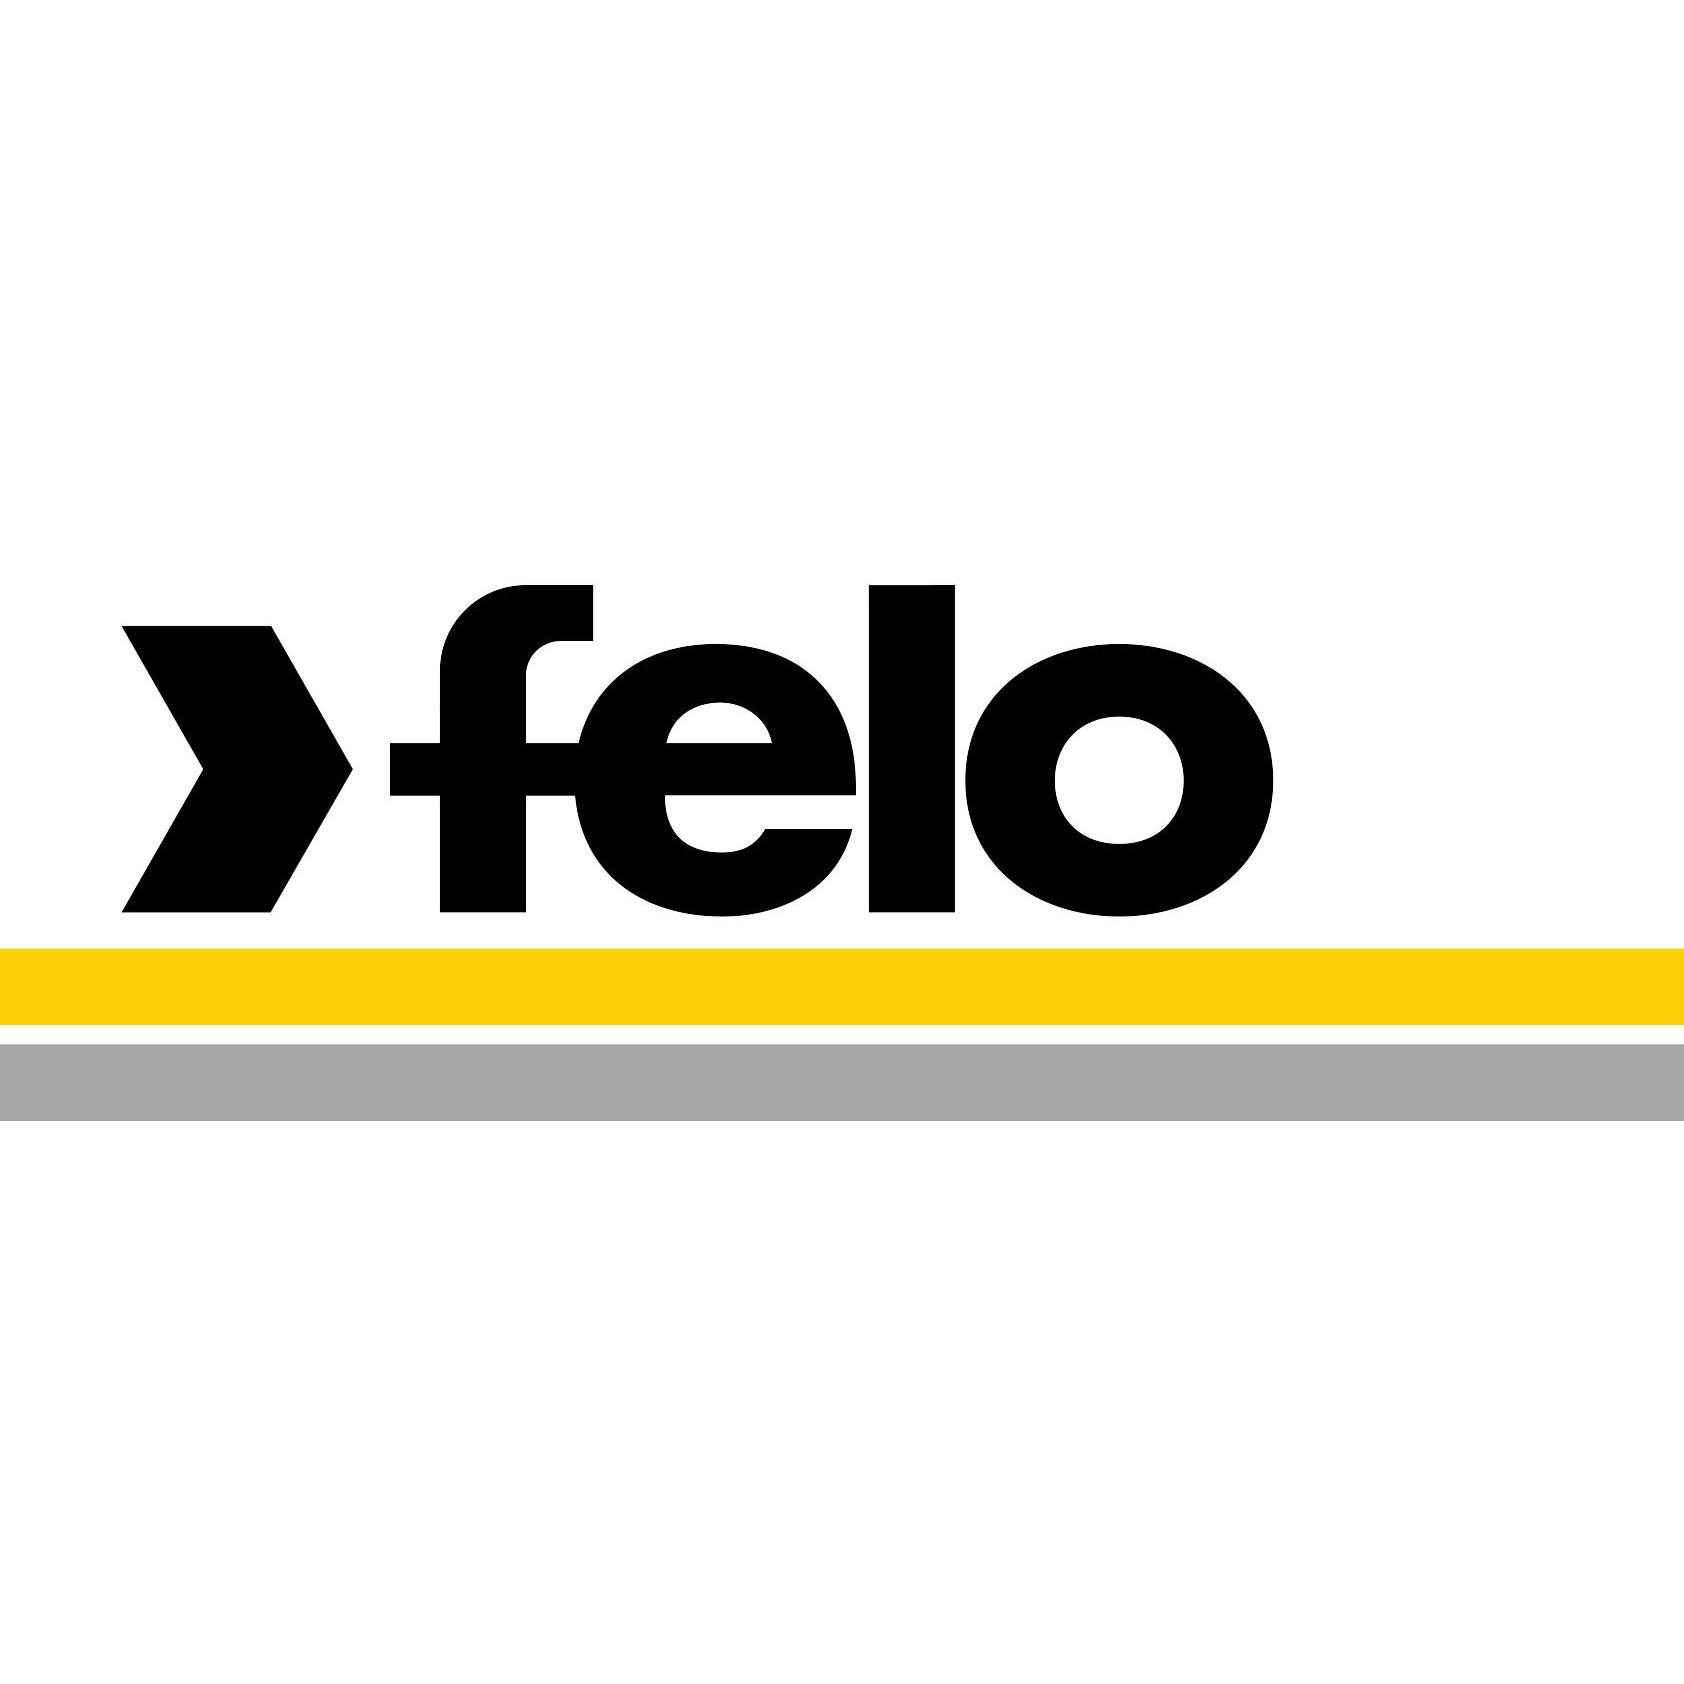 Felo-Werkzeugfabrik Holland-Letz GmbH